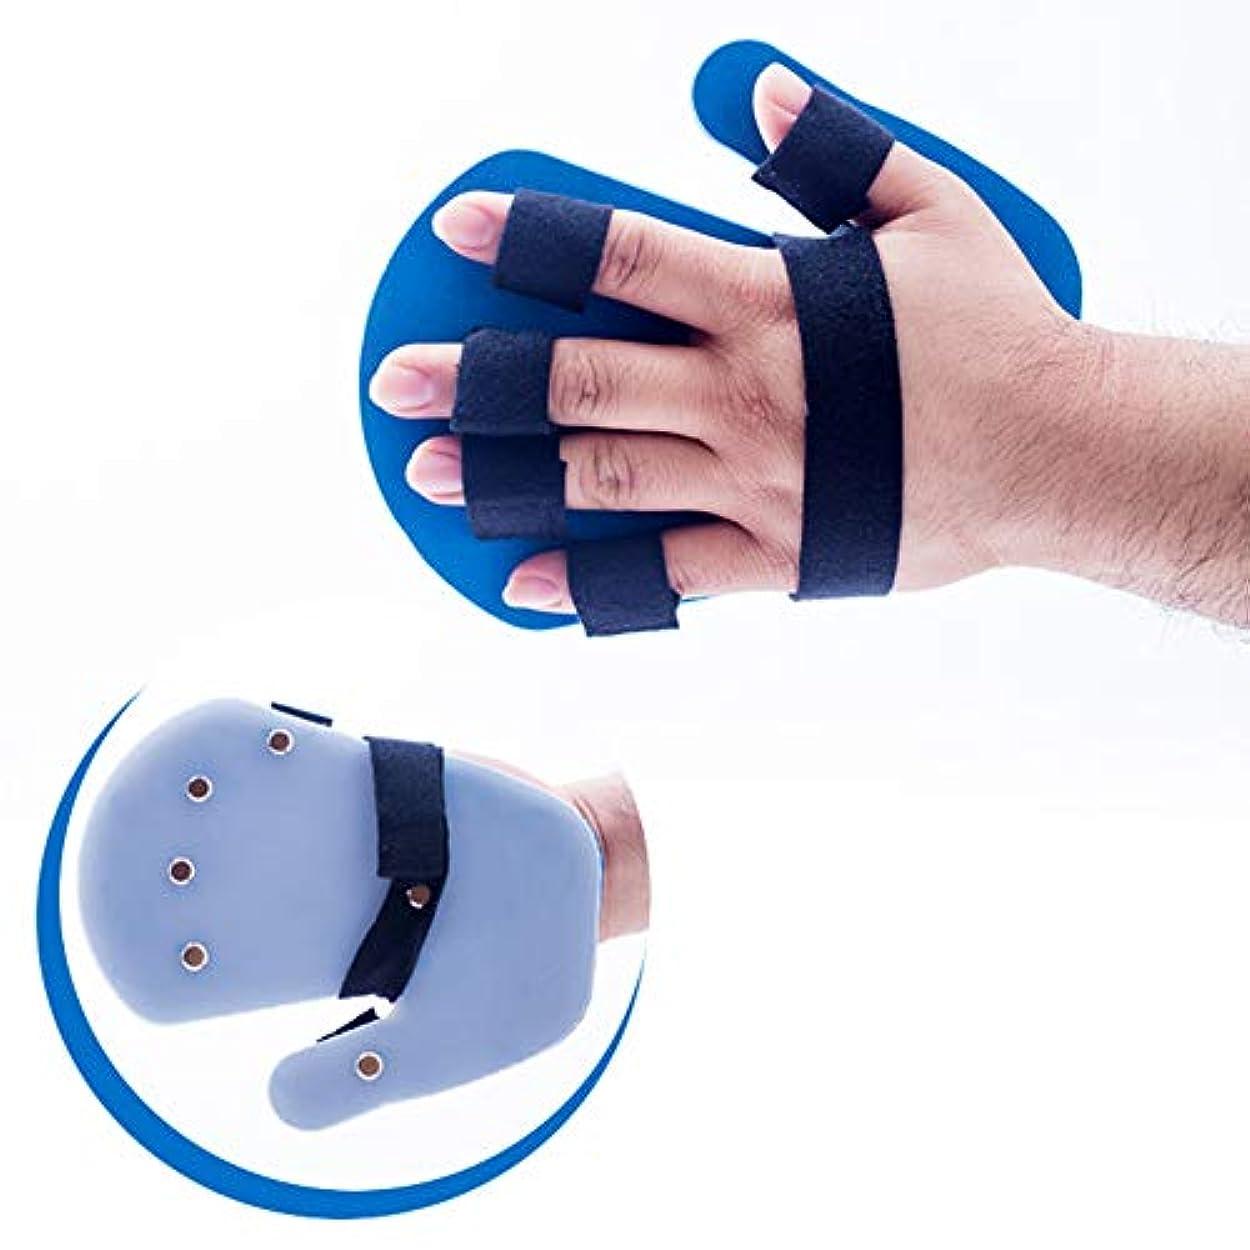 リム固体次へ指のサポートスプリント親指手首の傷害回復スプリントフィンガーセパレーター手アライナー手根管関節の痛み軽減装具指サポートトレーニングブラケット,righthand